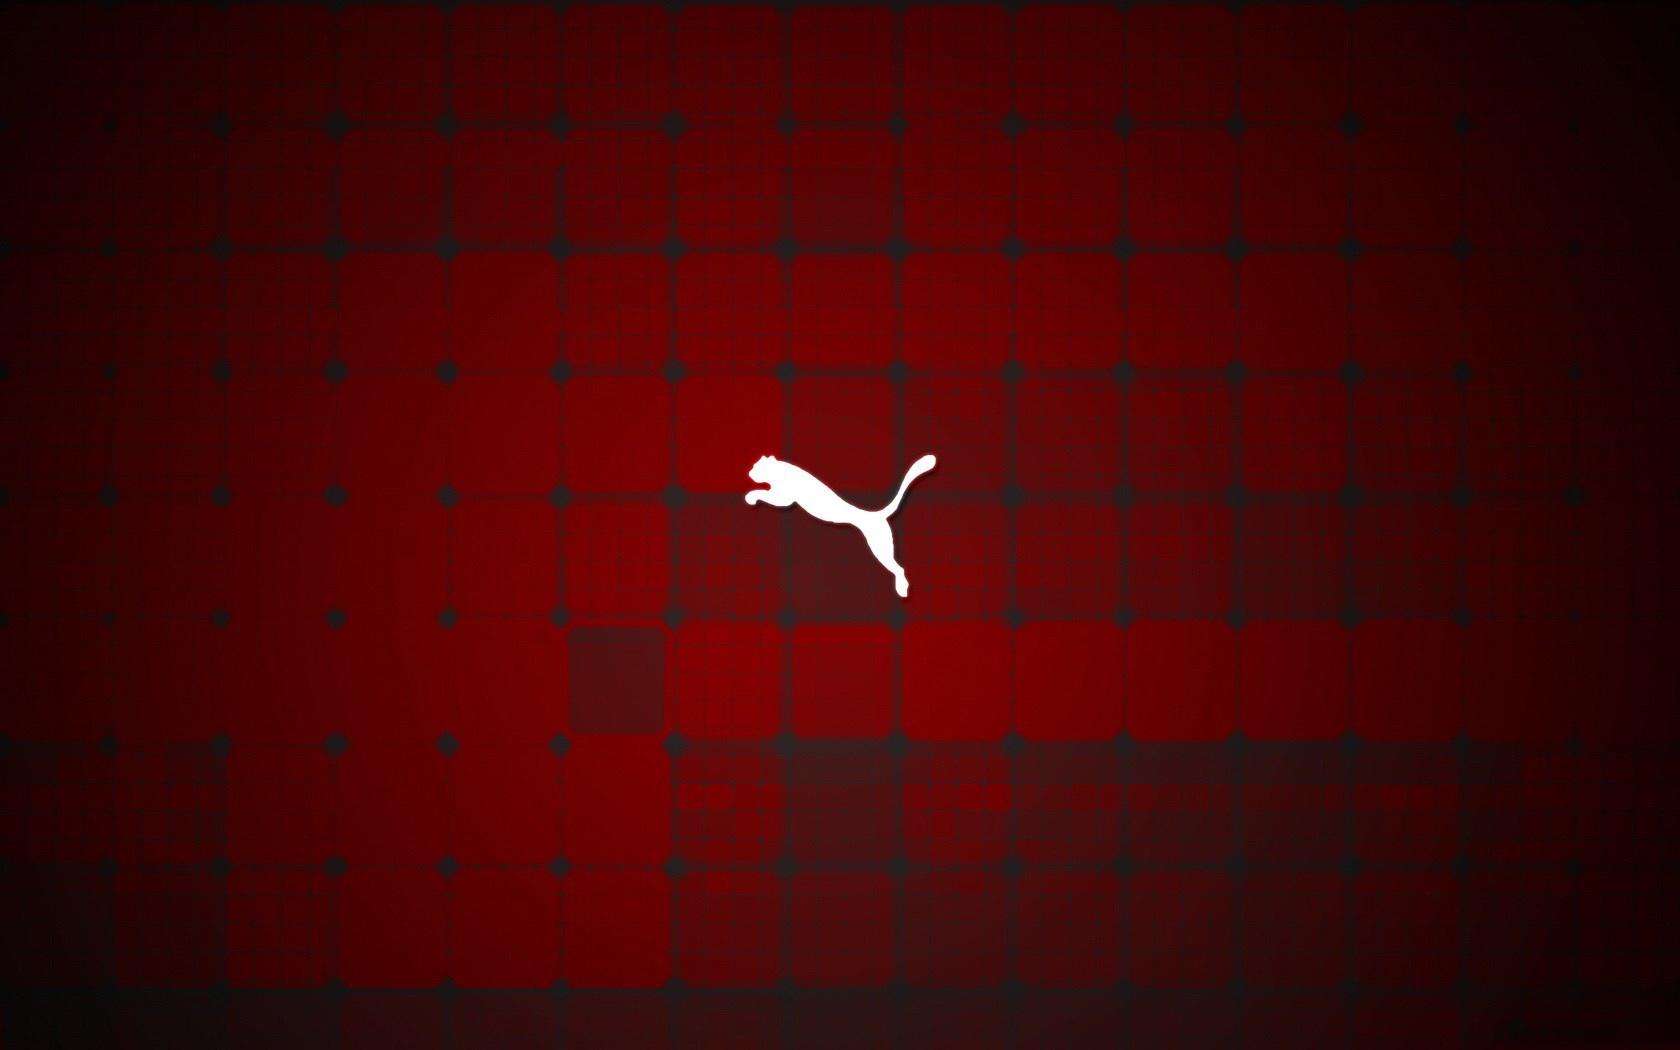 Puma Logo Wallpaper 5743 Hd Wallpapers in Logos   Imagescicom 1680x1050